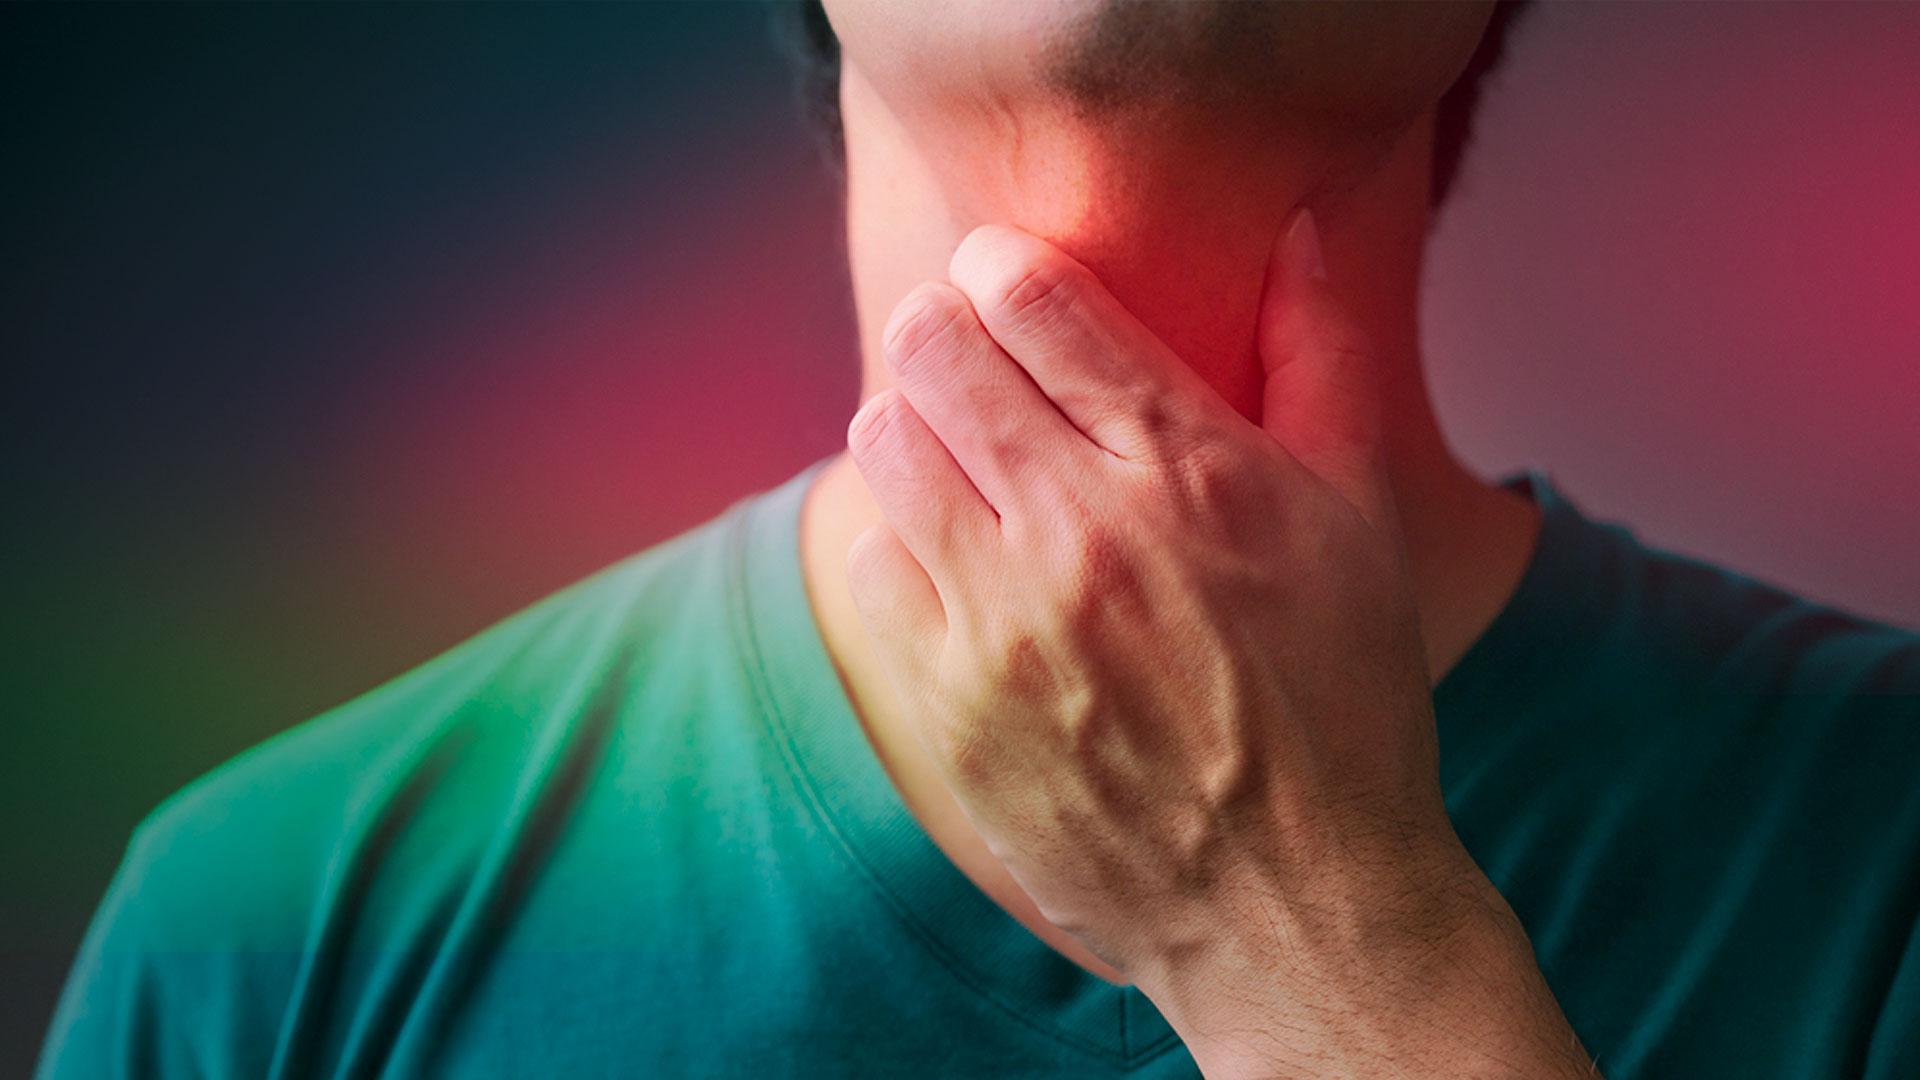 Ter história familiar de cancer de cabeça e pescoço aumenta meu risco de câncer?